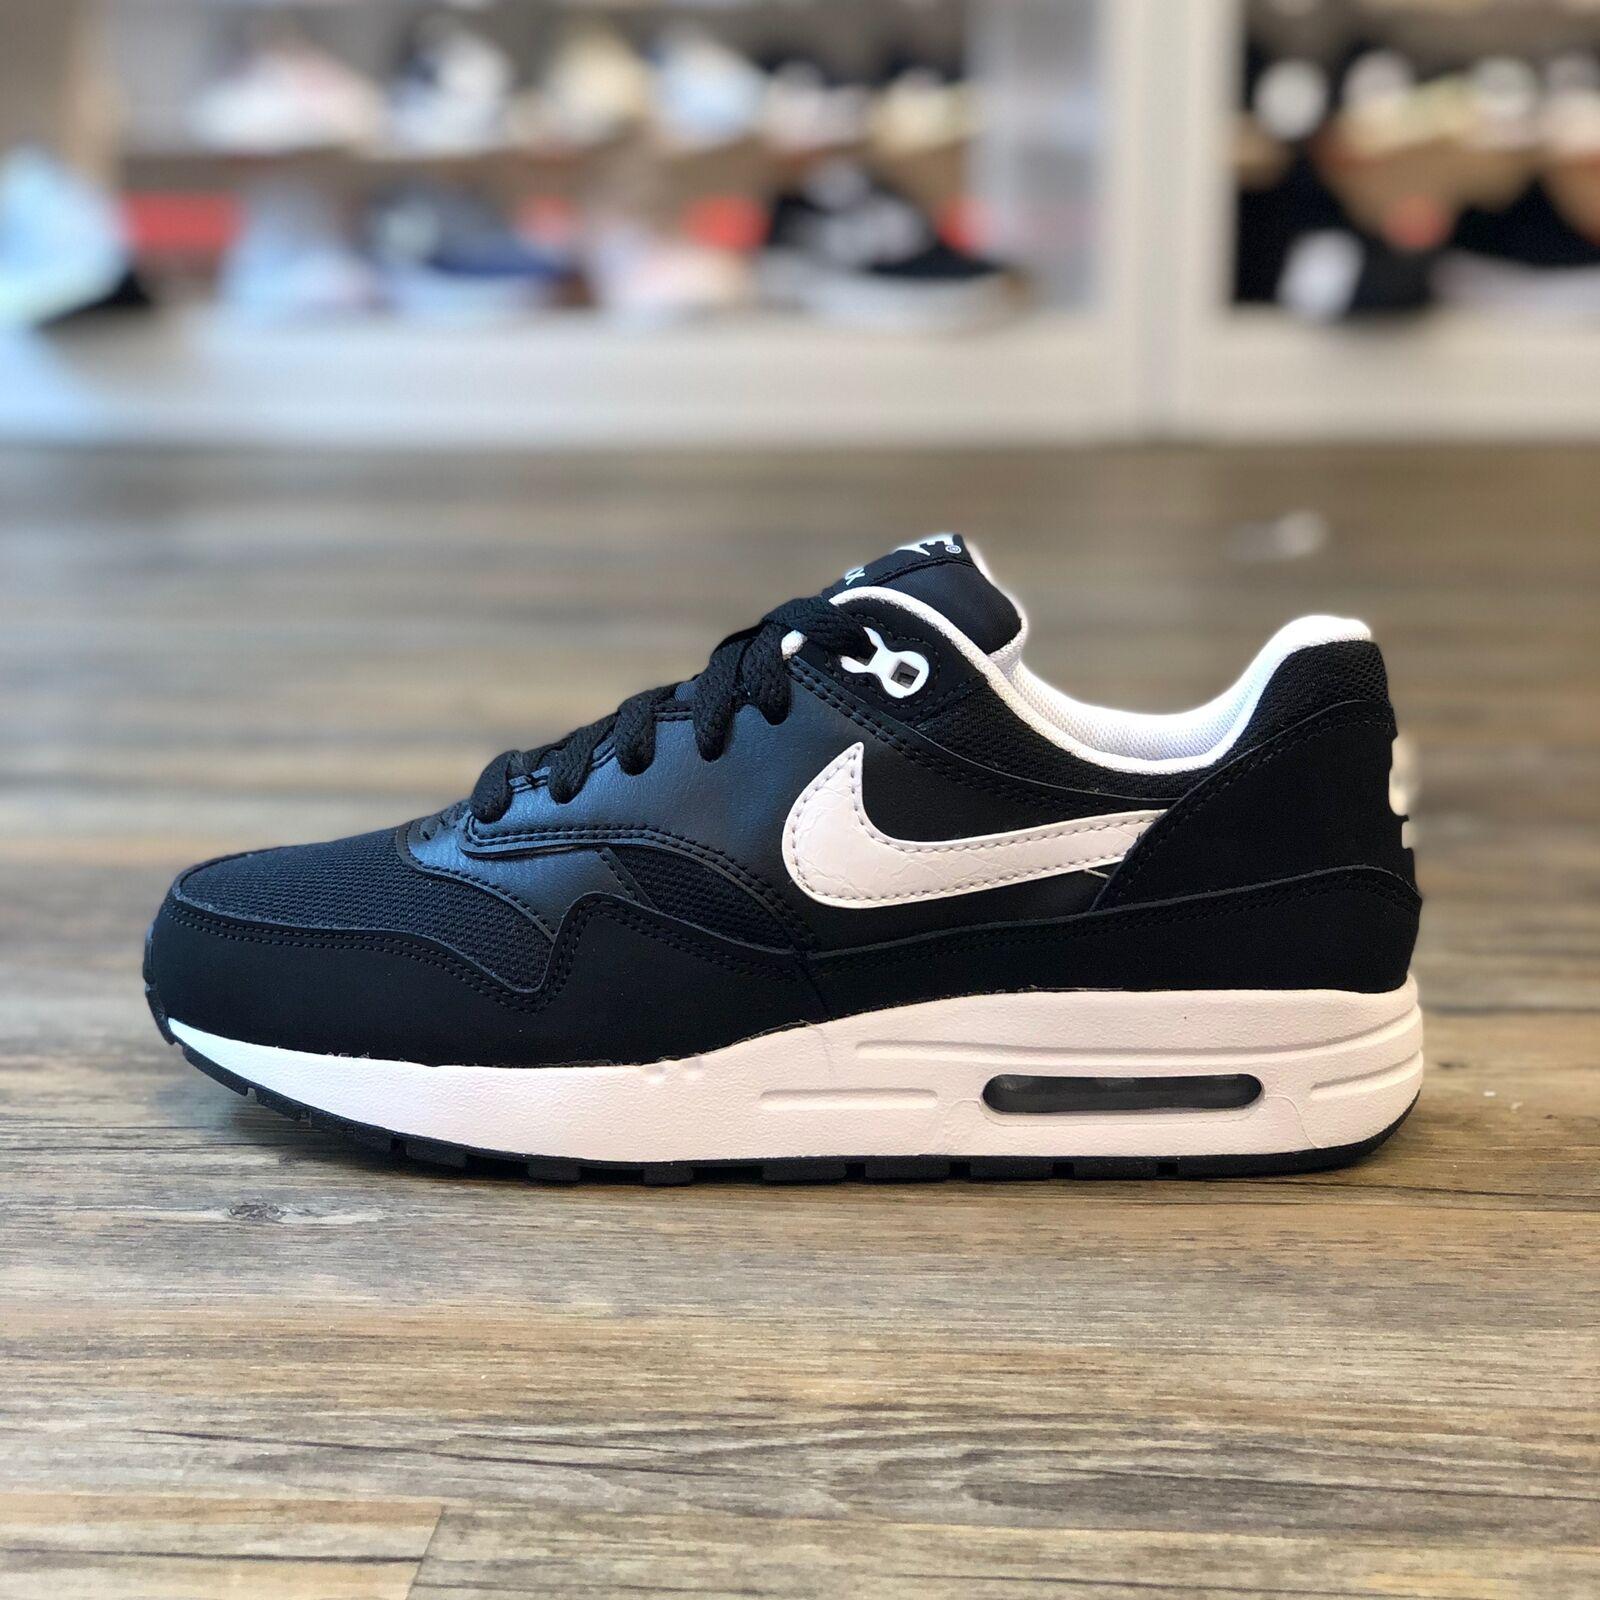 Nike Air Max 1 Gr.37,5 Running Schuhe Turnschuhe schwarz 270